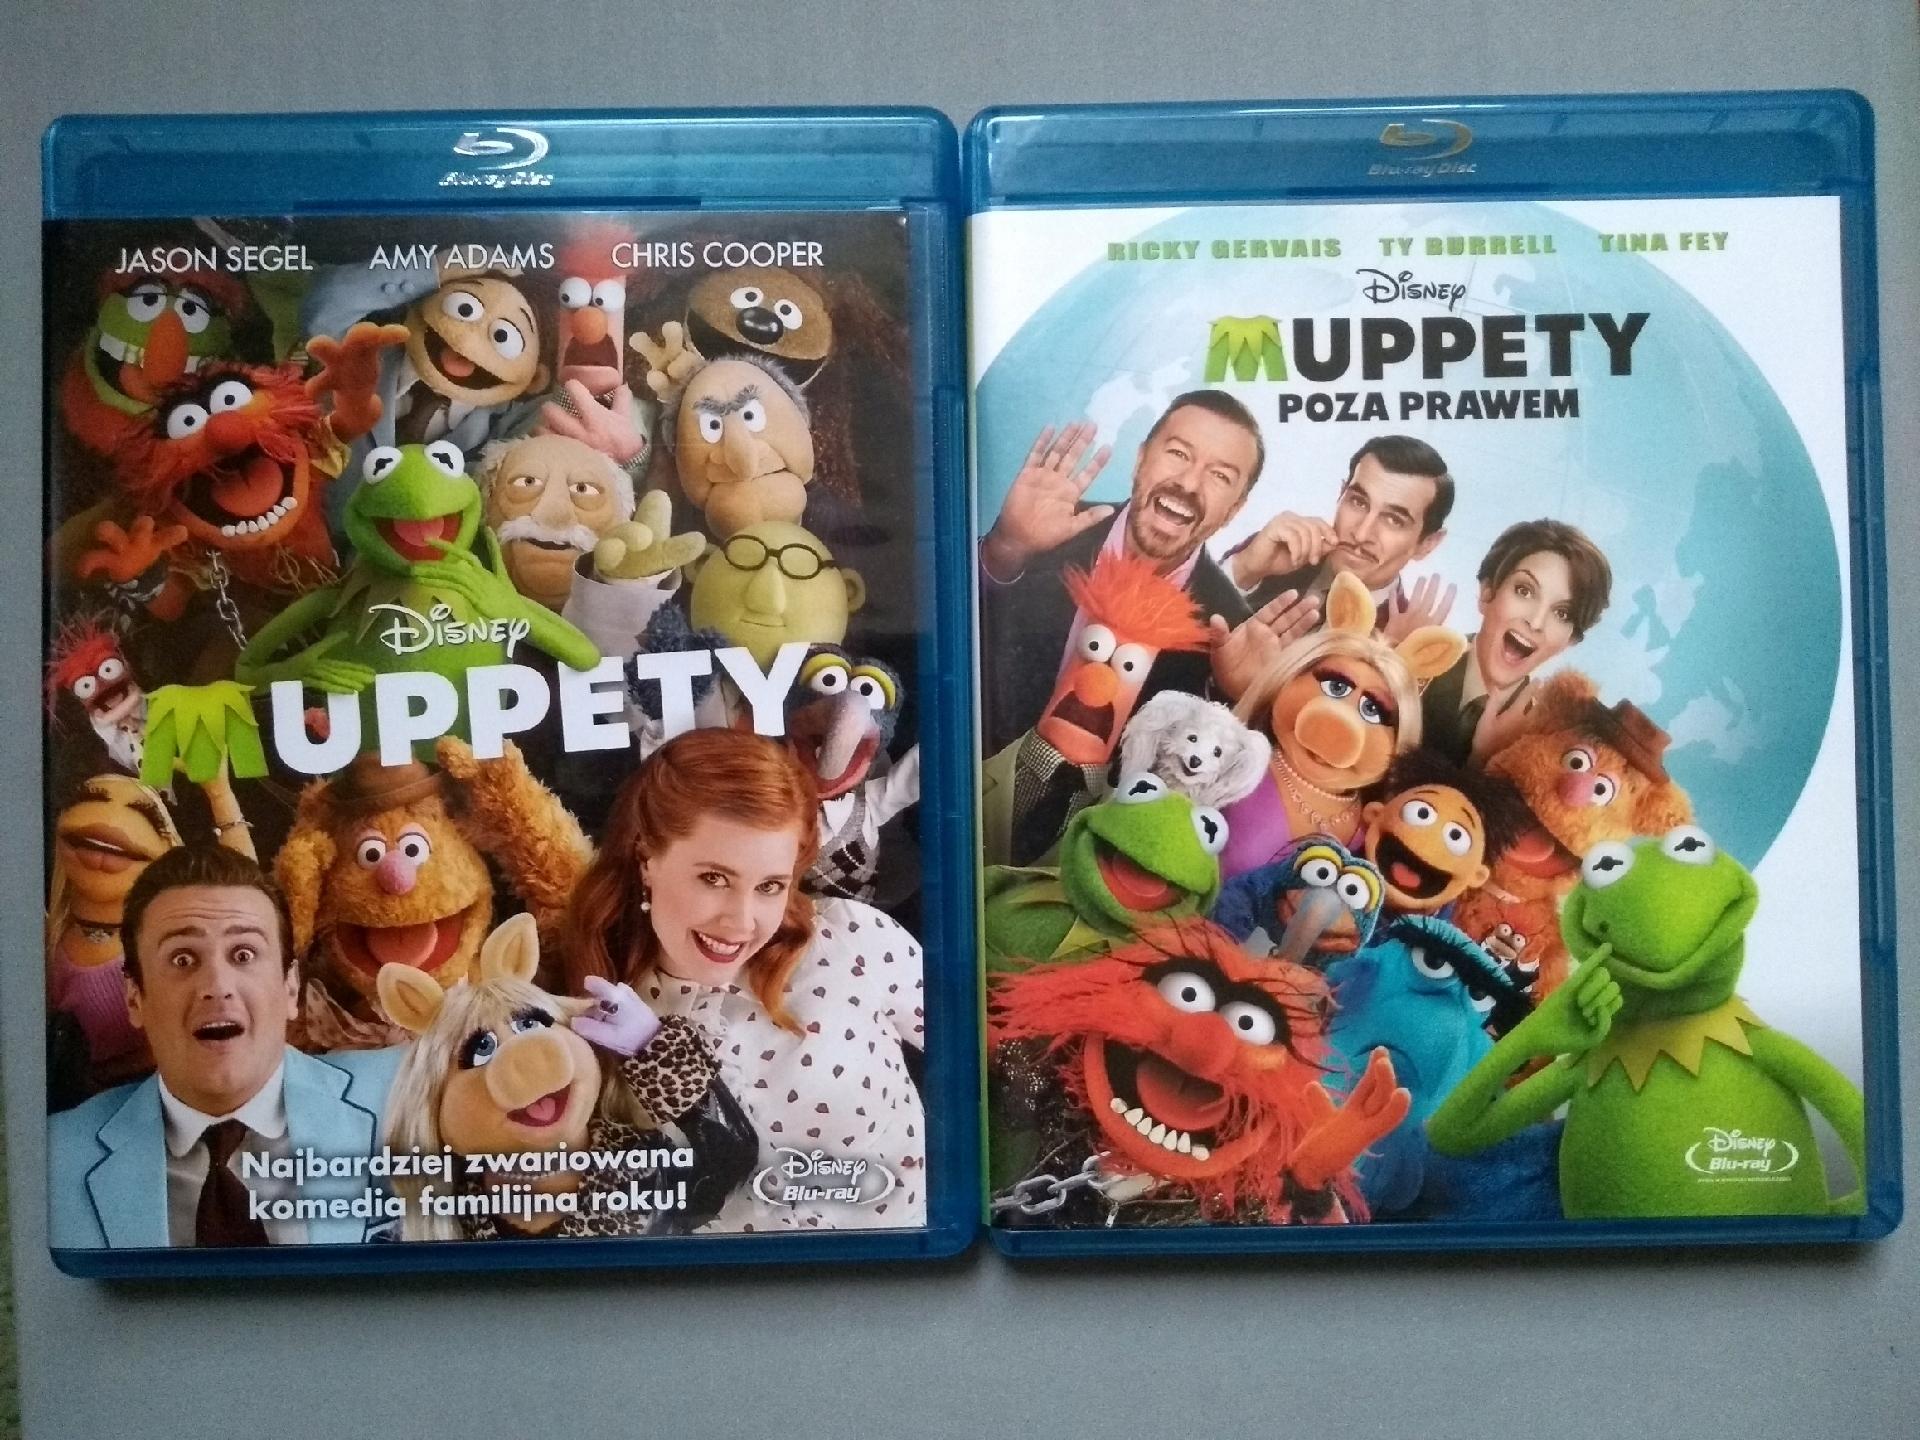 Muppety + Muppety poza prawem